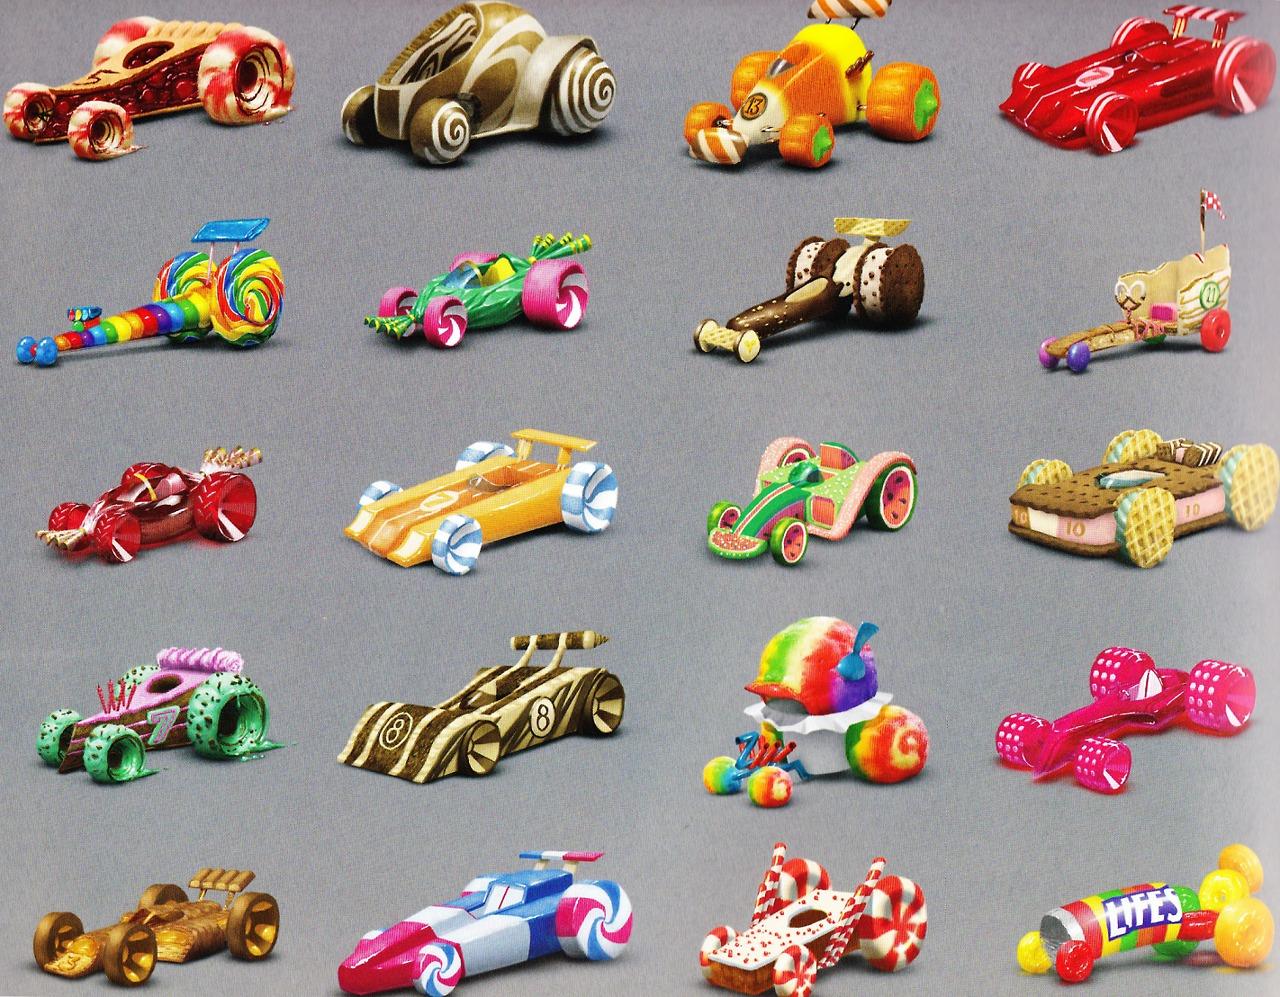 Image - Sugar rush karts.png   Wreck-It Ralph Wiki ...